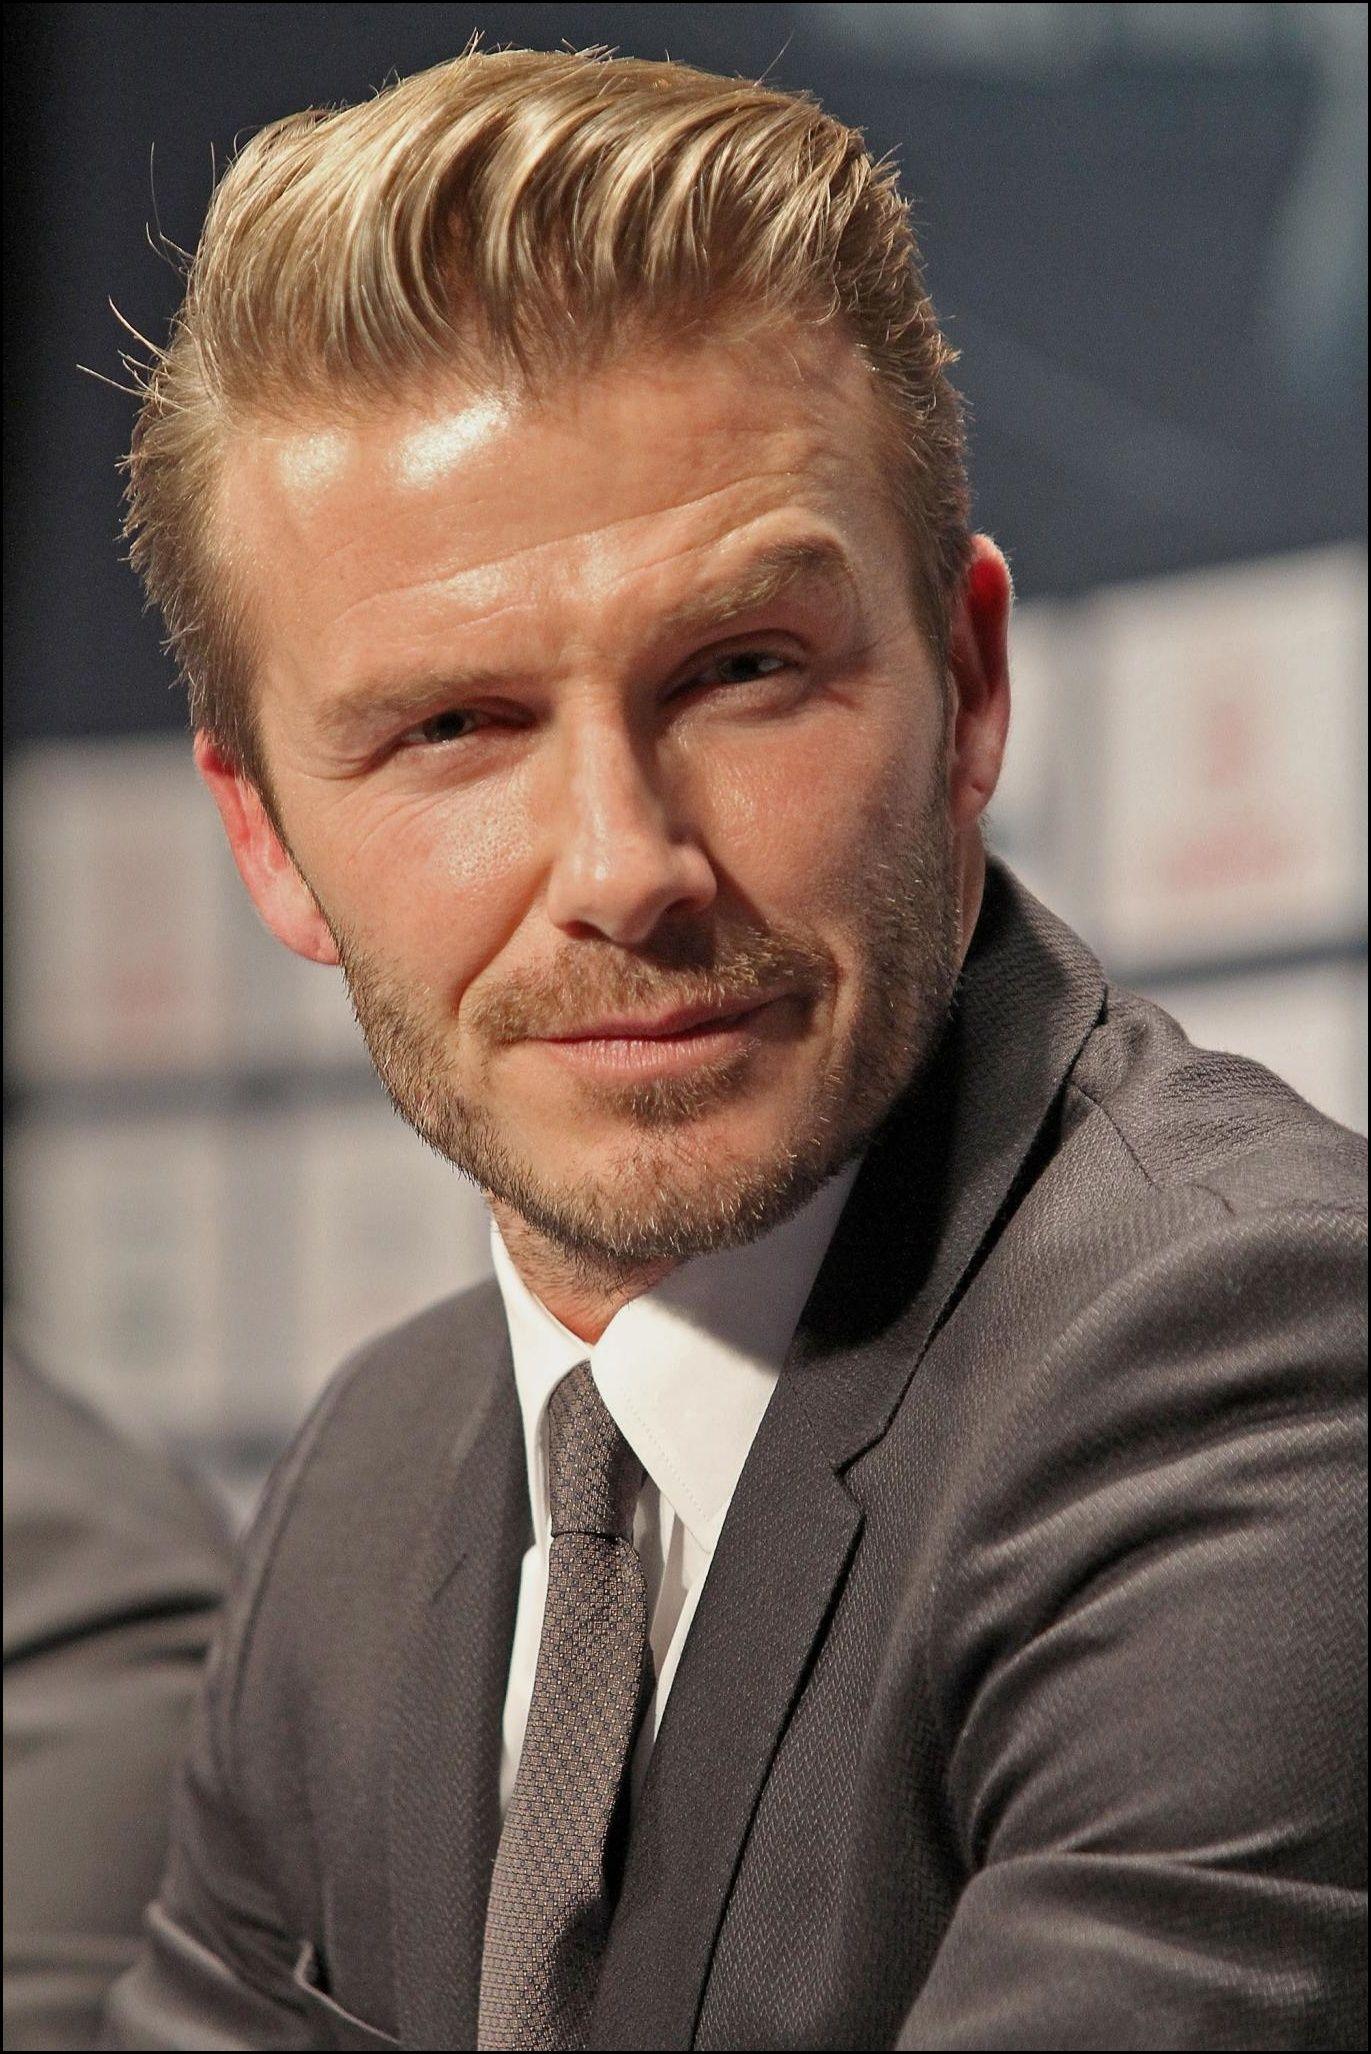 15 David Beckham Frisur Ideen Fur Manner Beckham